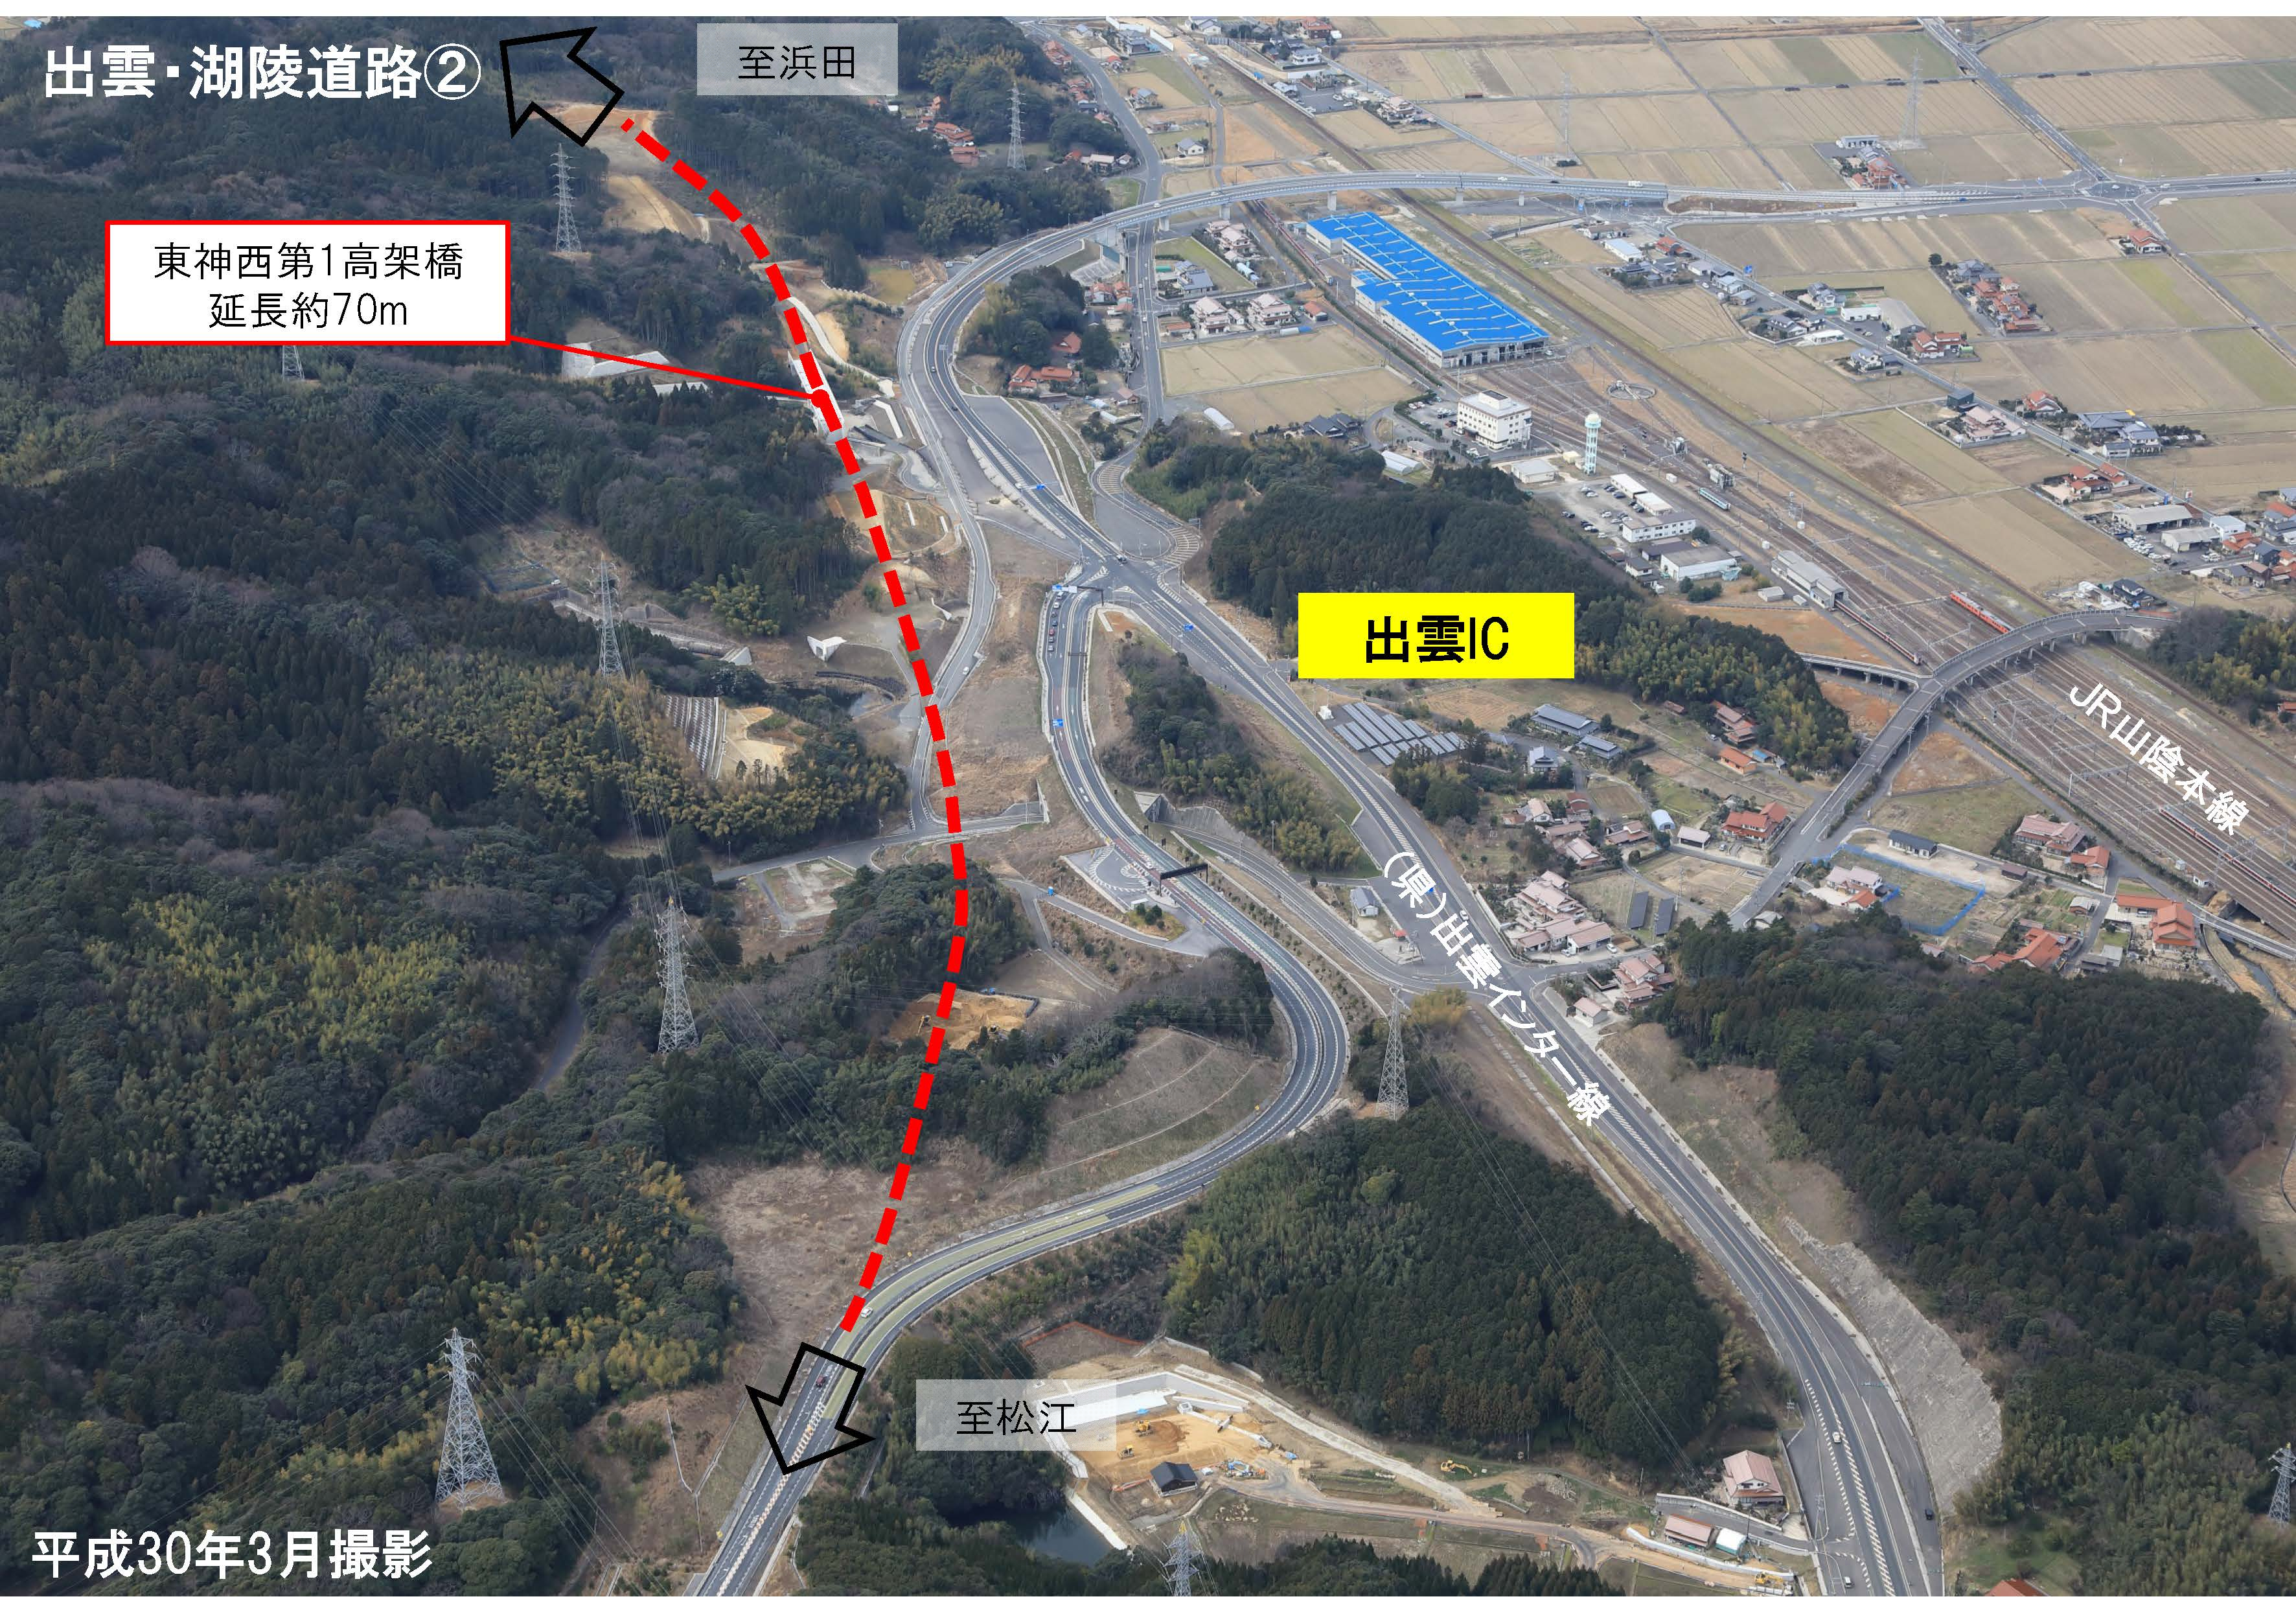 カメラ 情報 島根 県 道路